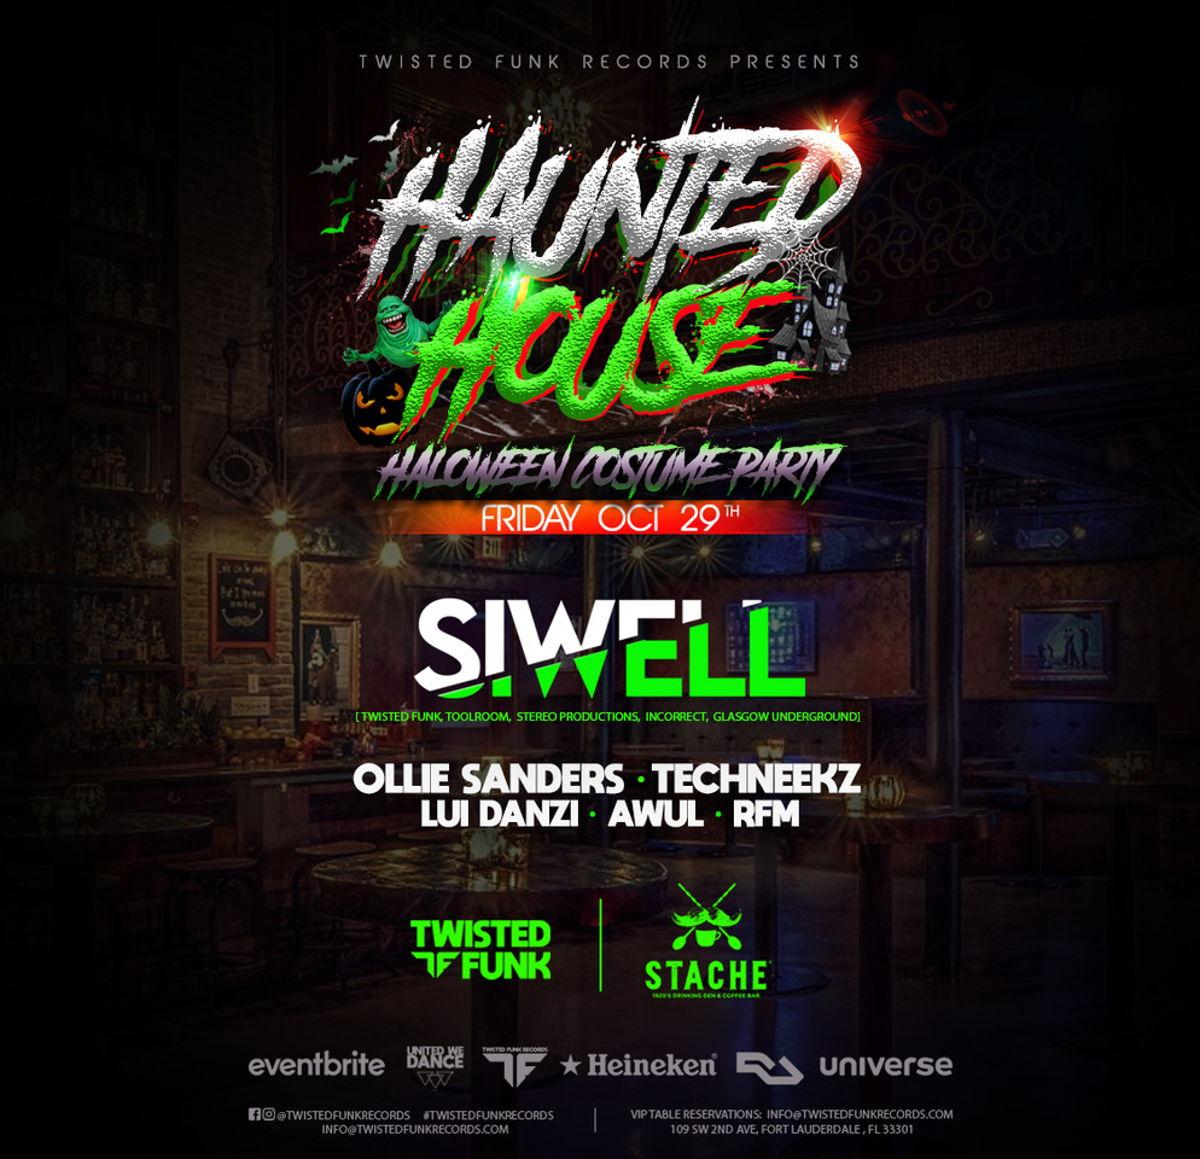 Twisted Funk Presents SIWELL